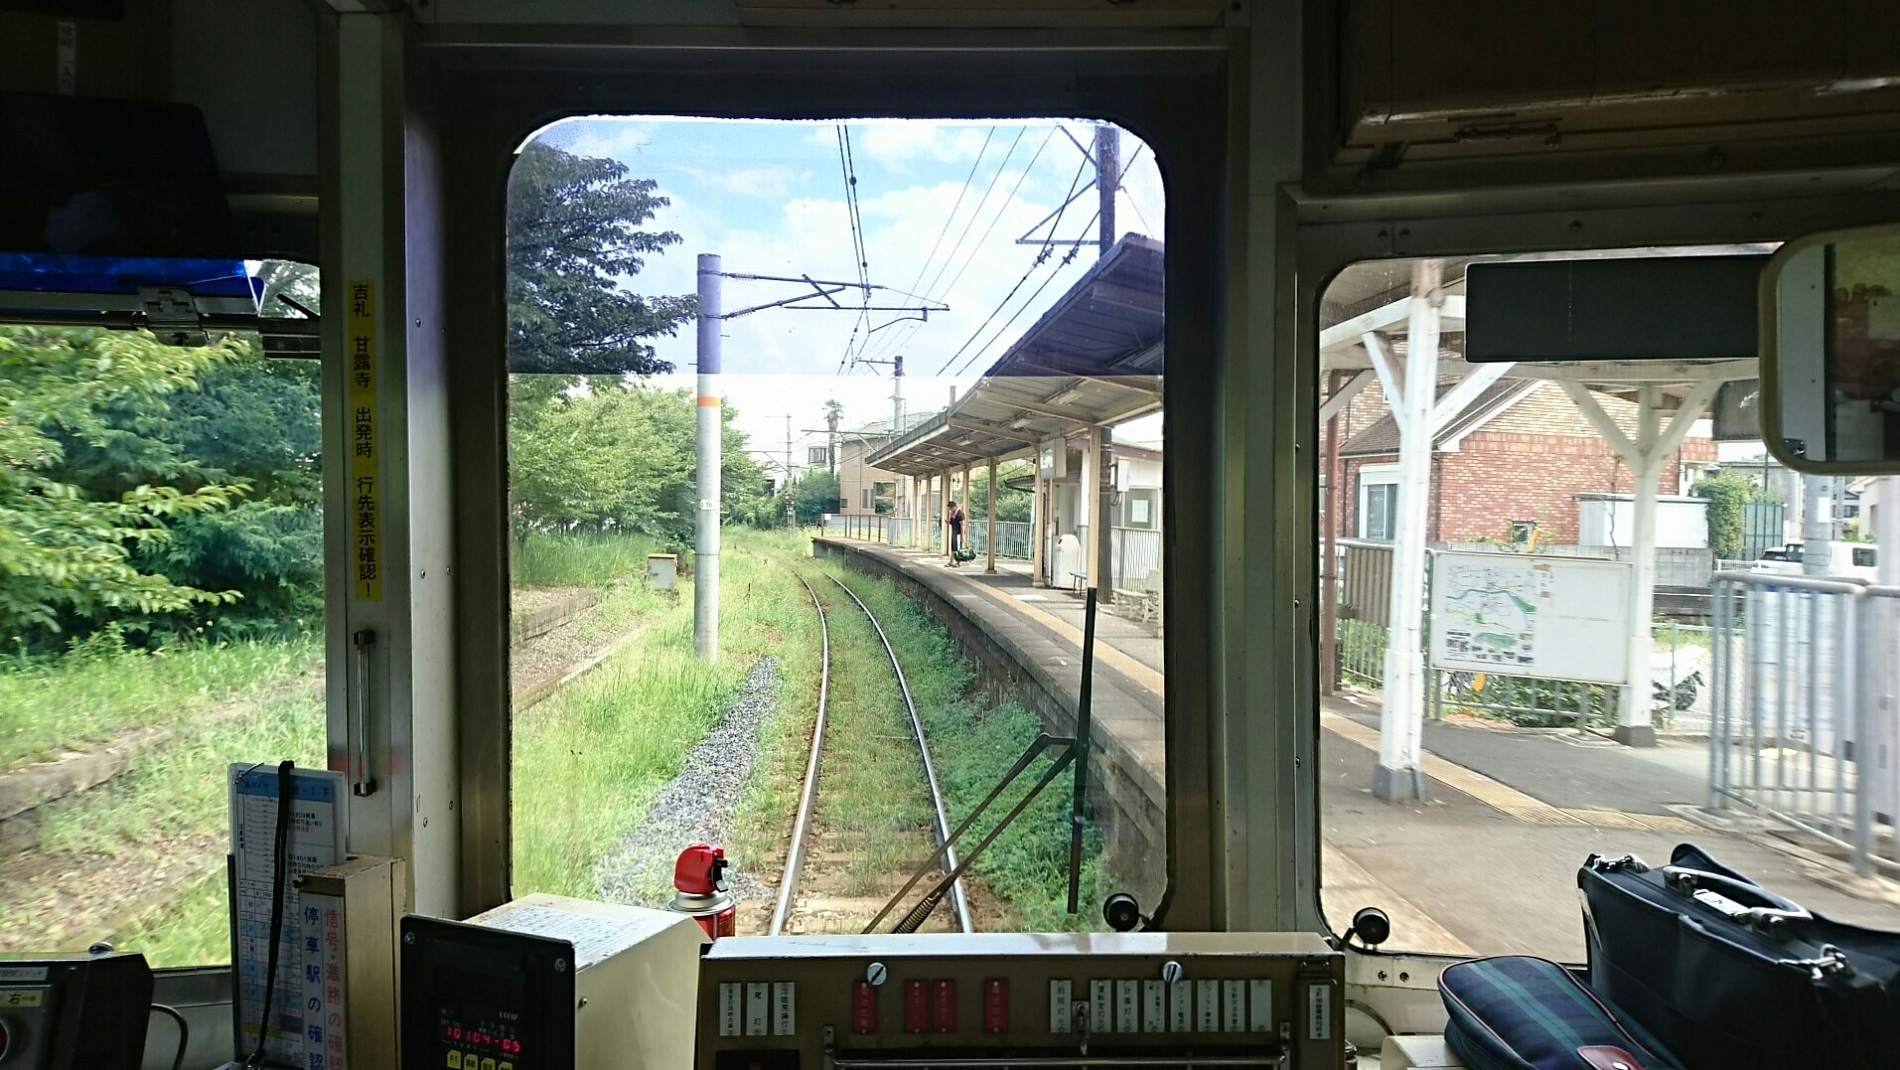 2017.8.17 たま電車 (20) 貴志いきふつう - 竈山 1900-1070